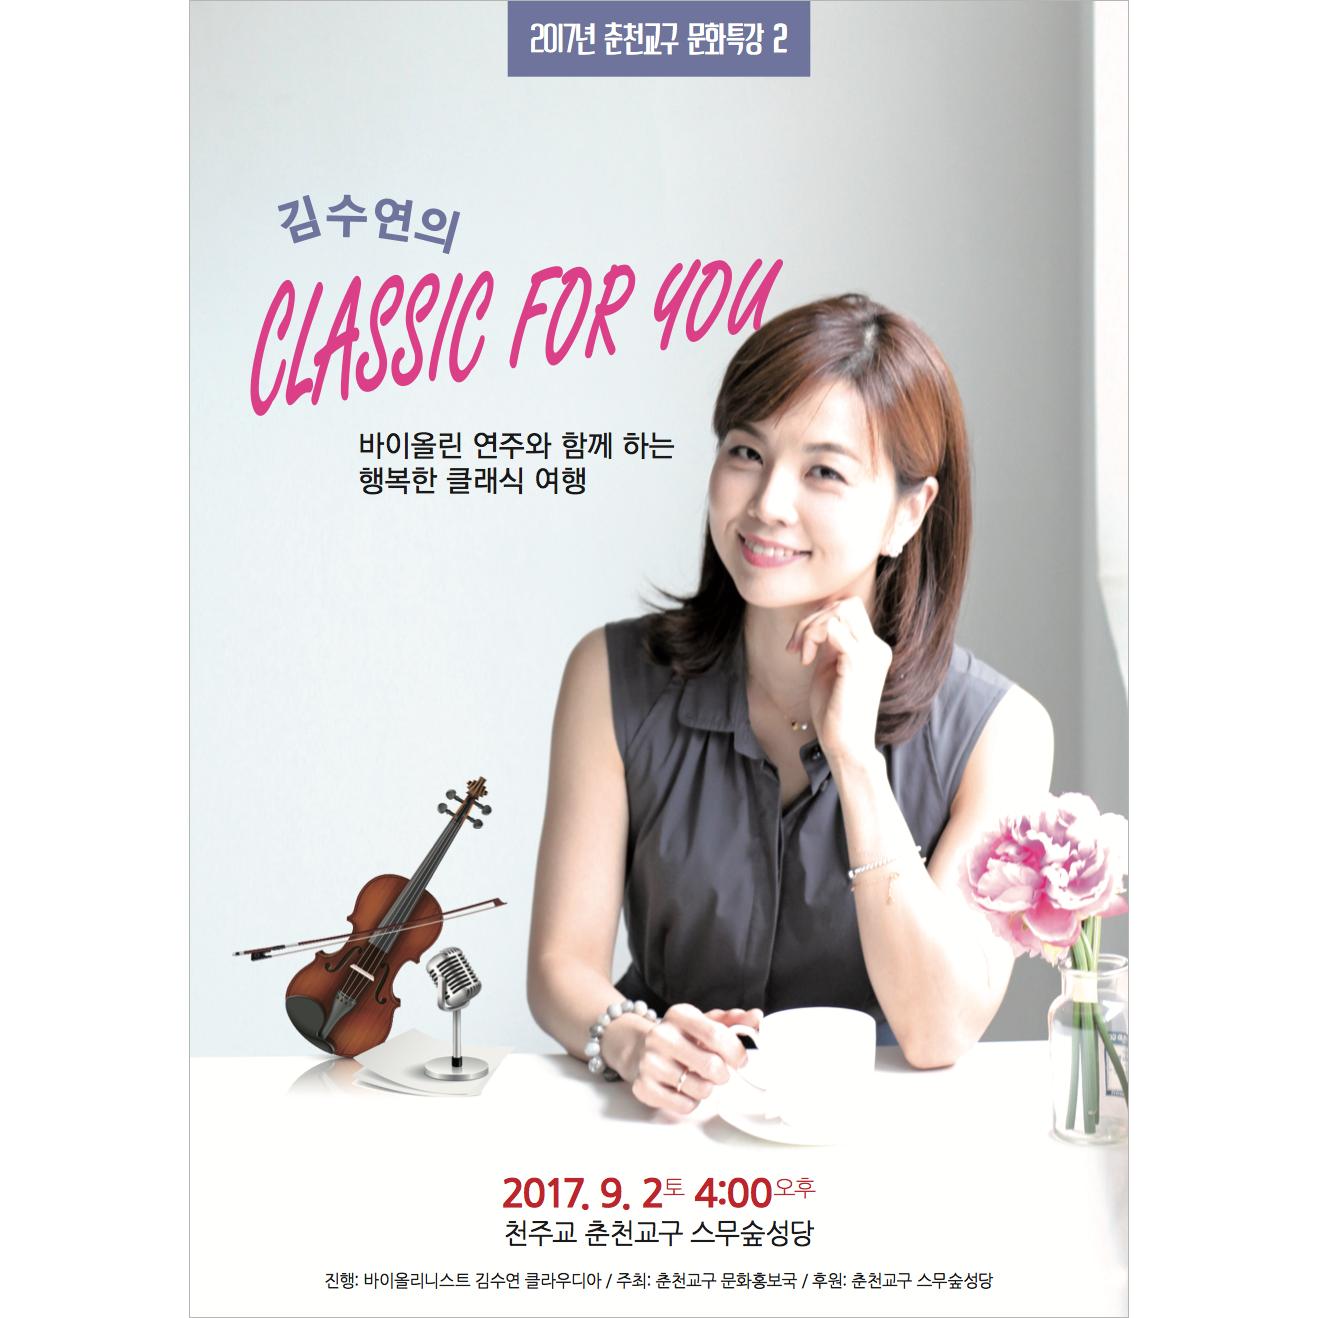 김수연의 클래식 포유 포스터.png